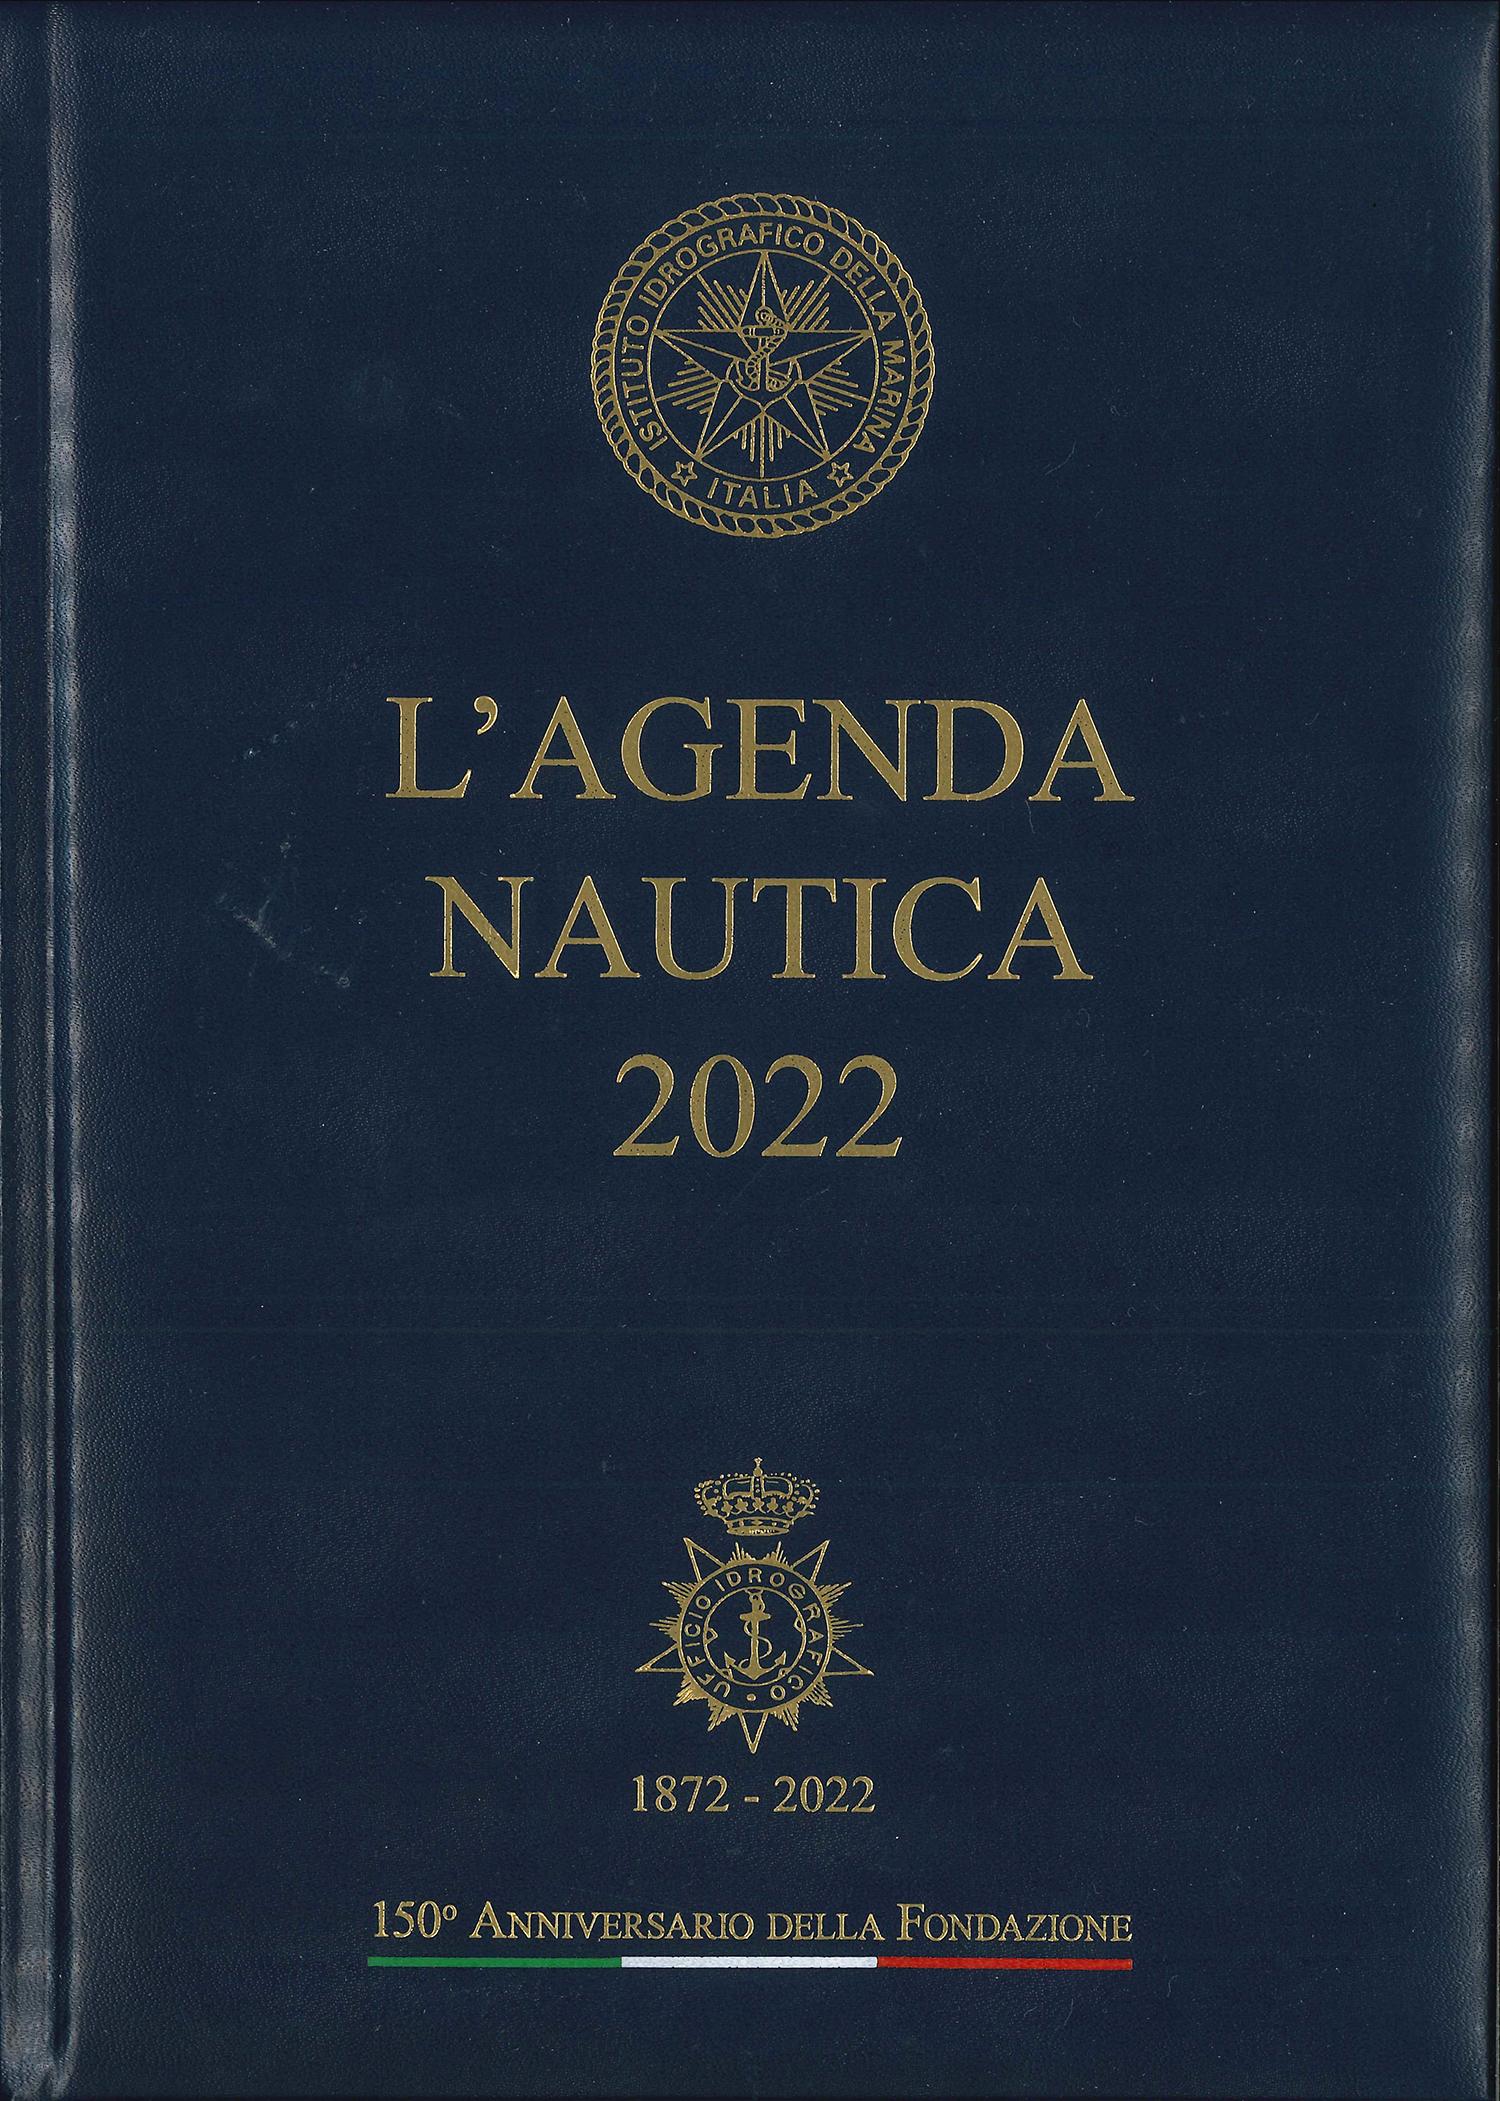 Agenda Nautica 2022